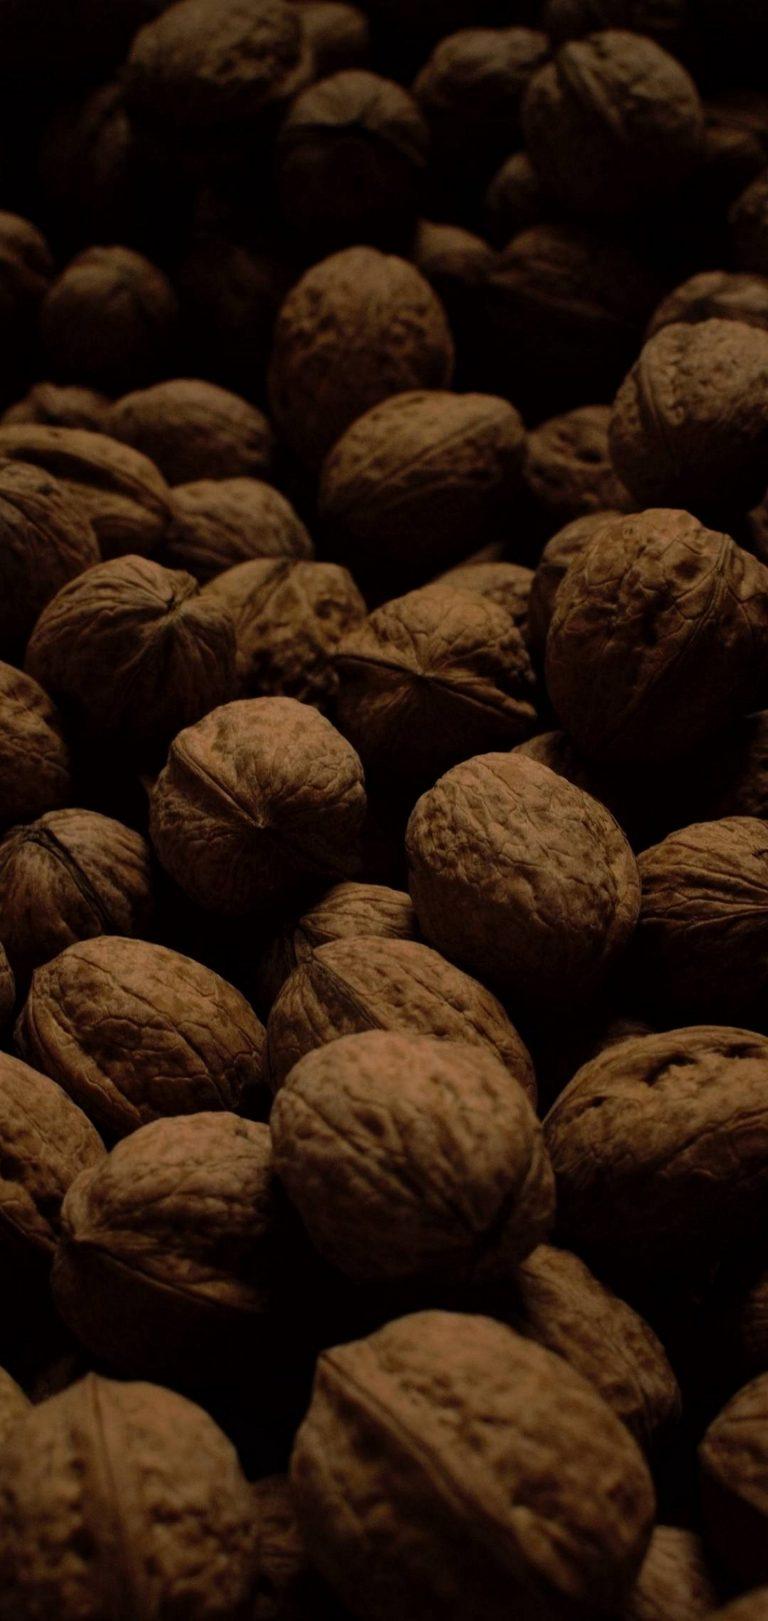 Dark Walnuts Food Wallpaper 1440x3040 768x1621